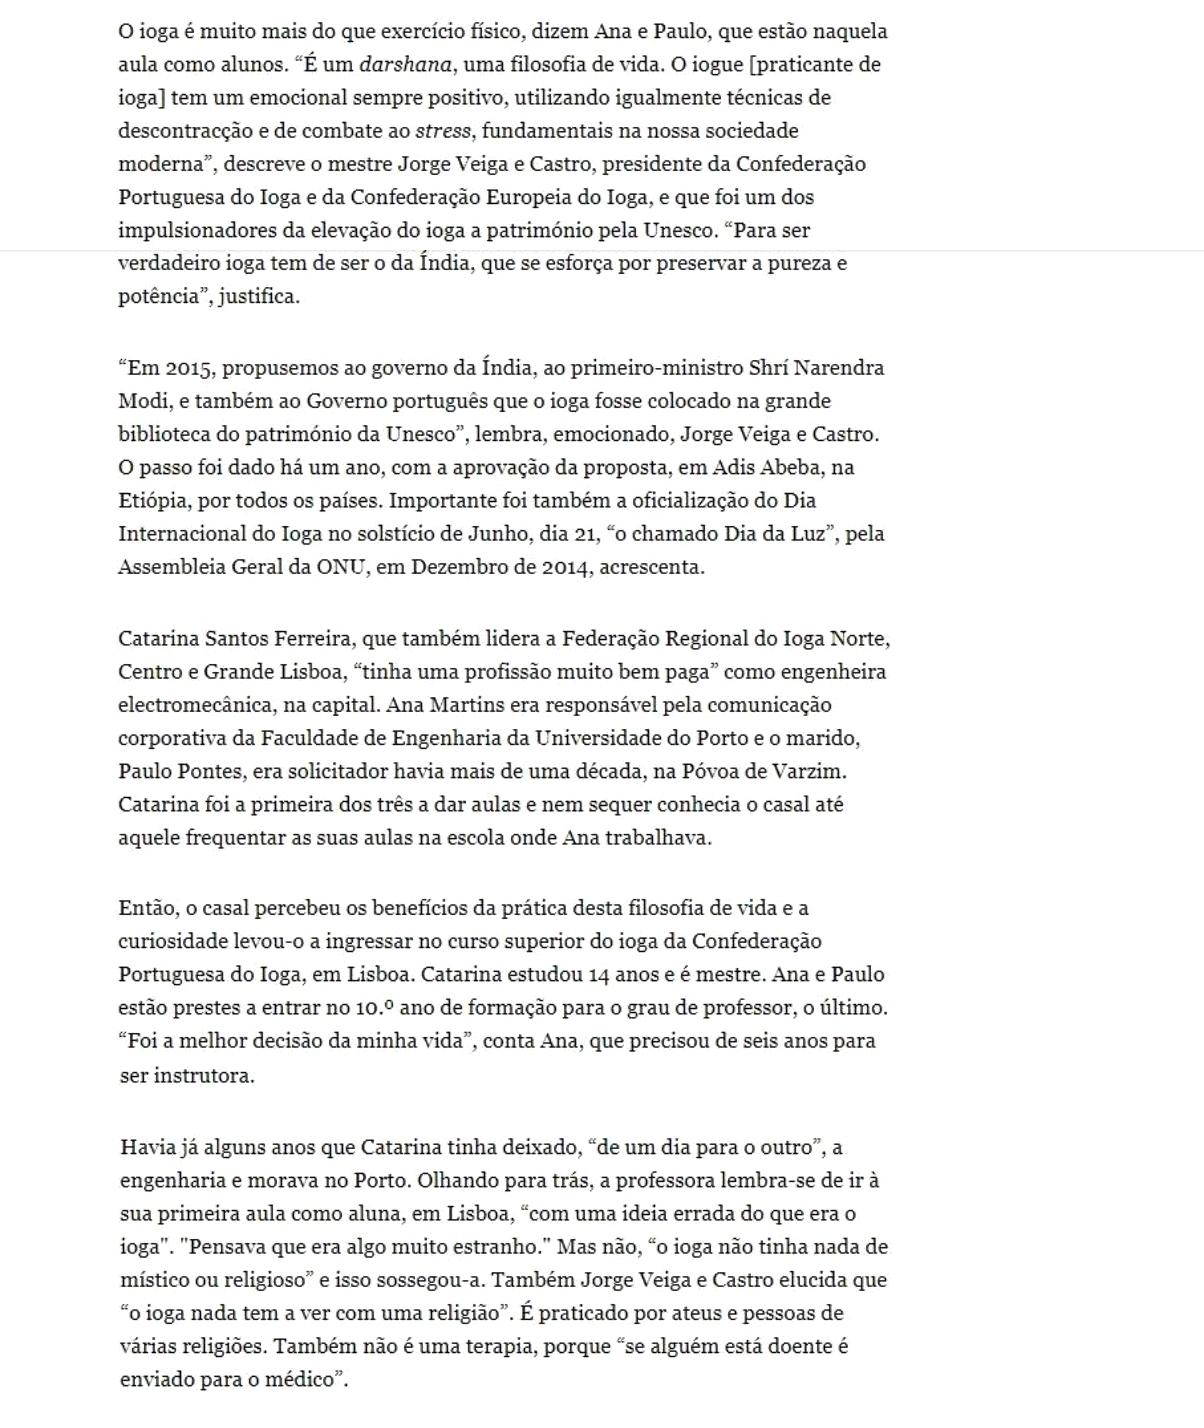 Ana, Catarina e Paulo mudaram de Vida - Público - 2017, Dezembro, 2 - pág.2